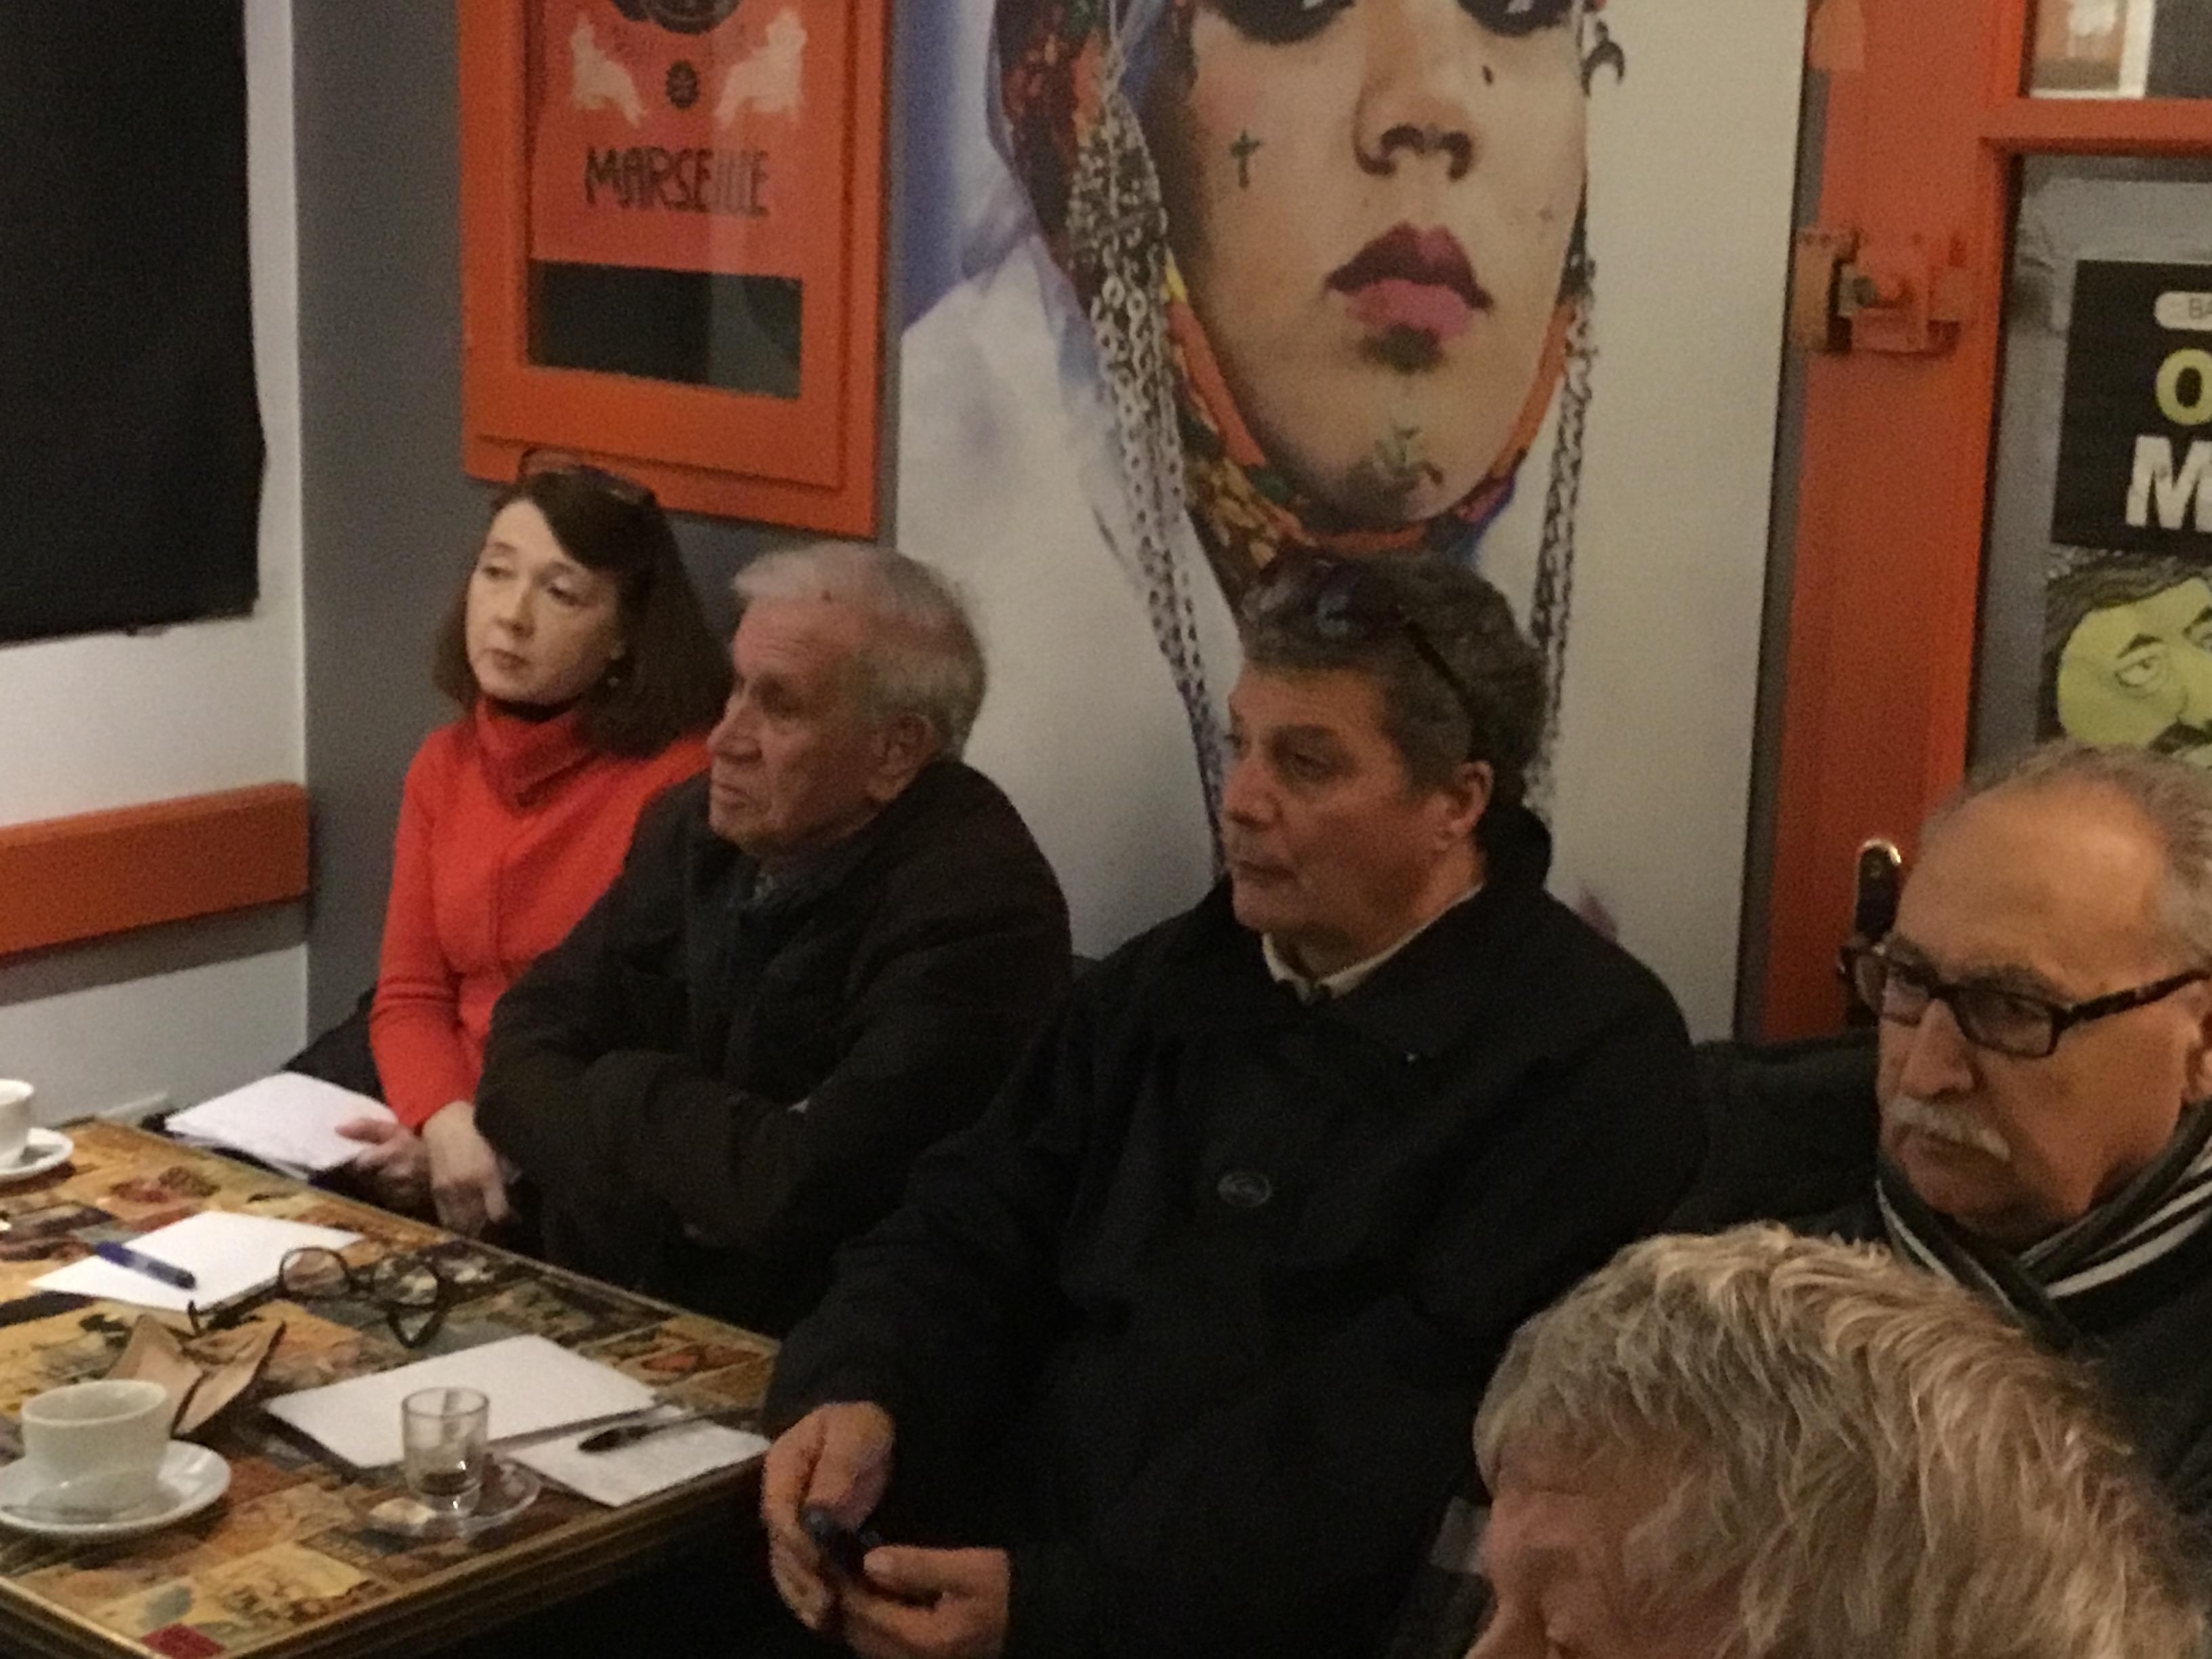 Logements indignes, insalubres, bilan de la  rénovation  du quartier du «Panier» (2em arrondissement) au menu de la rencontre de cette fin d'après midi place de Lenche.